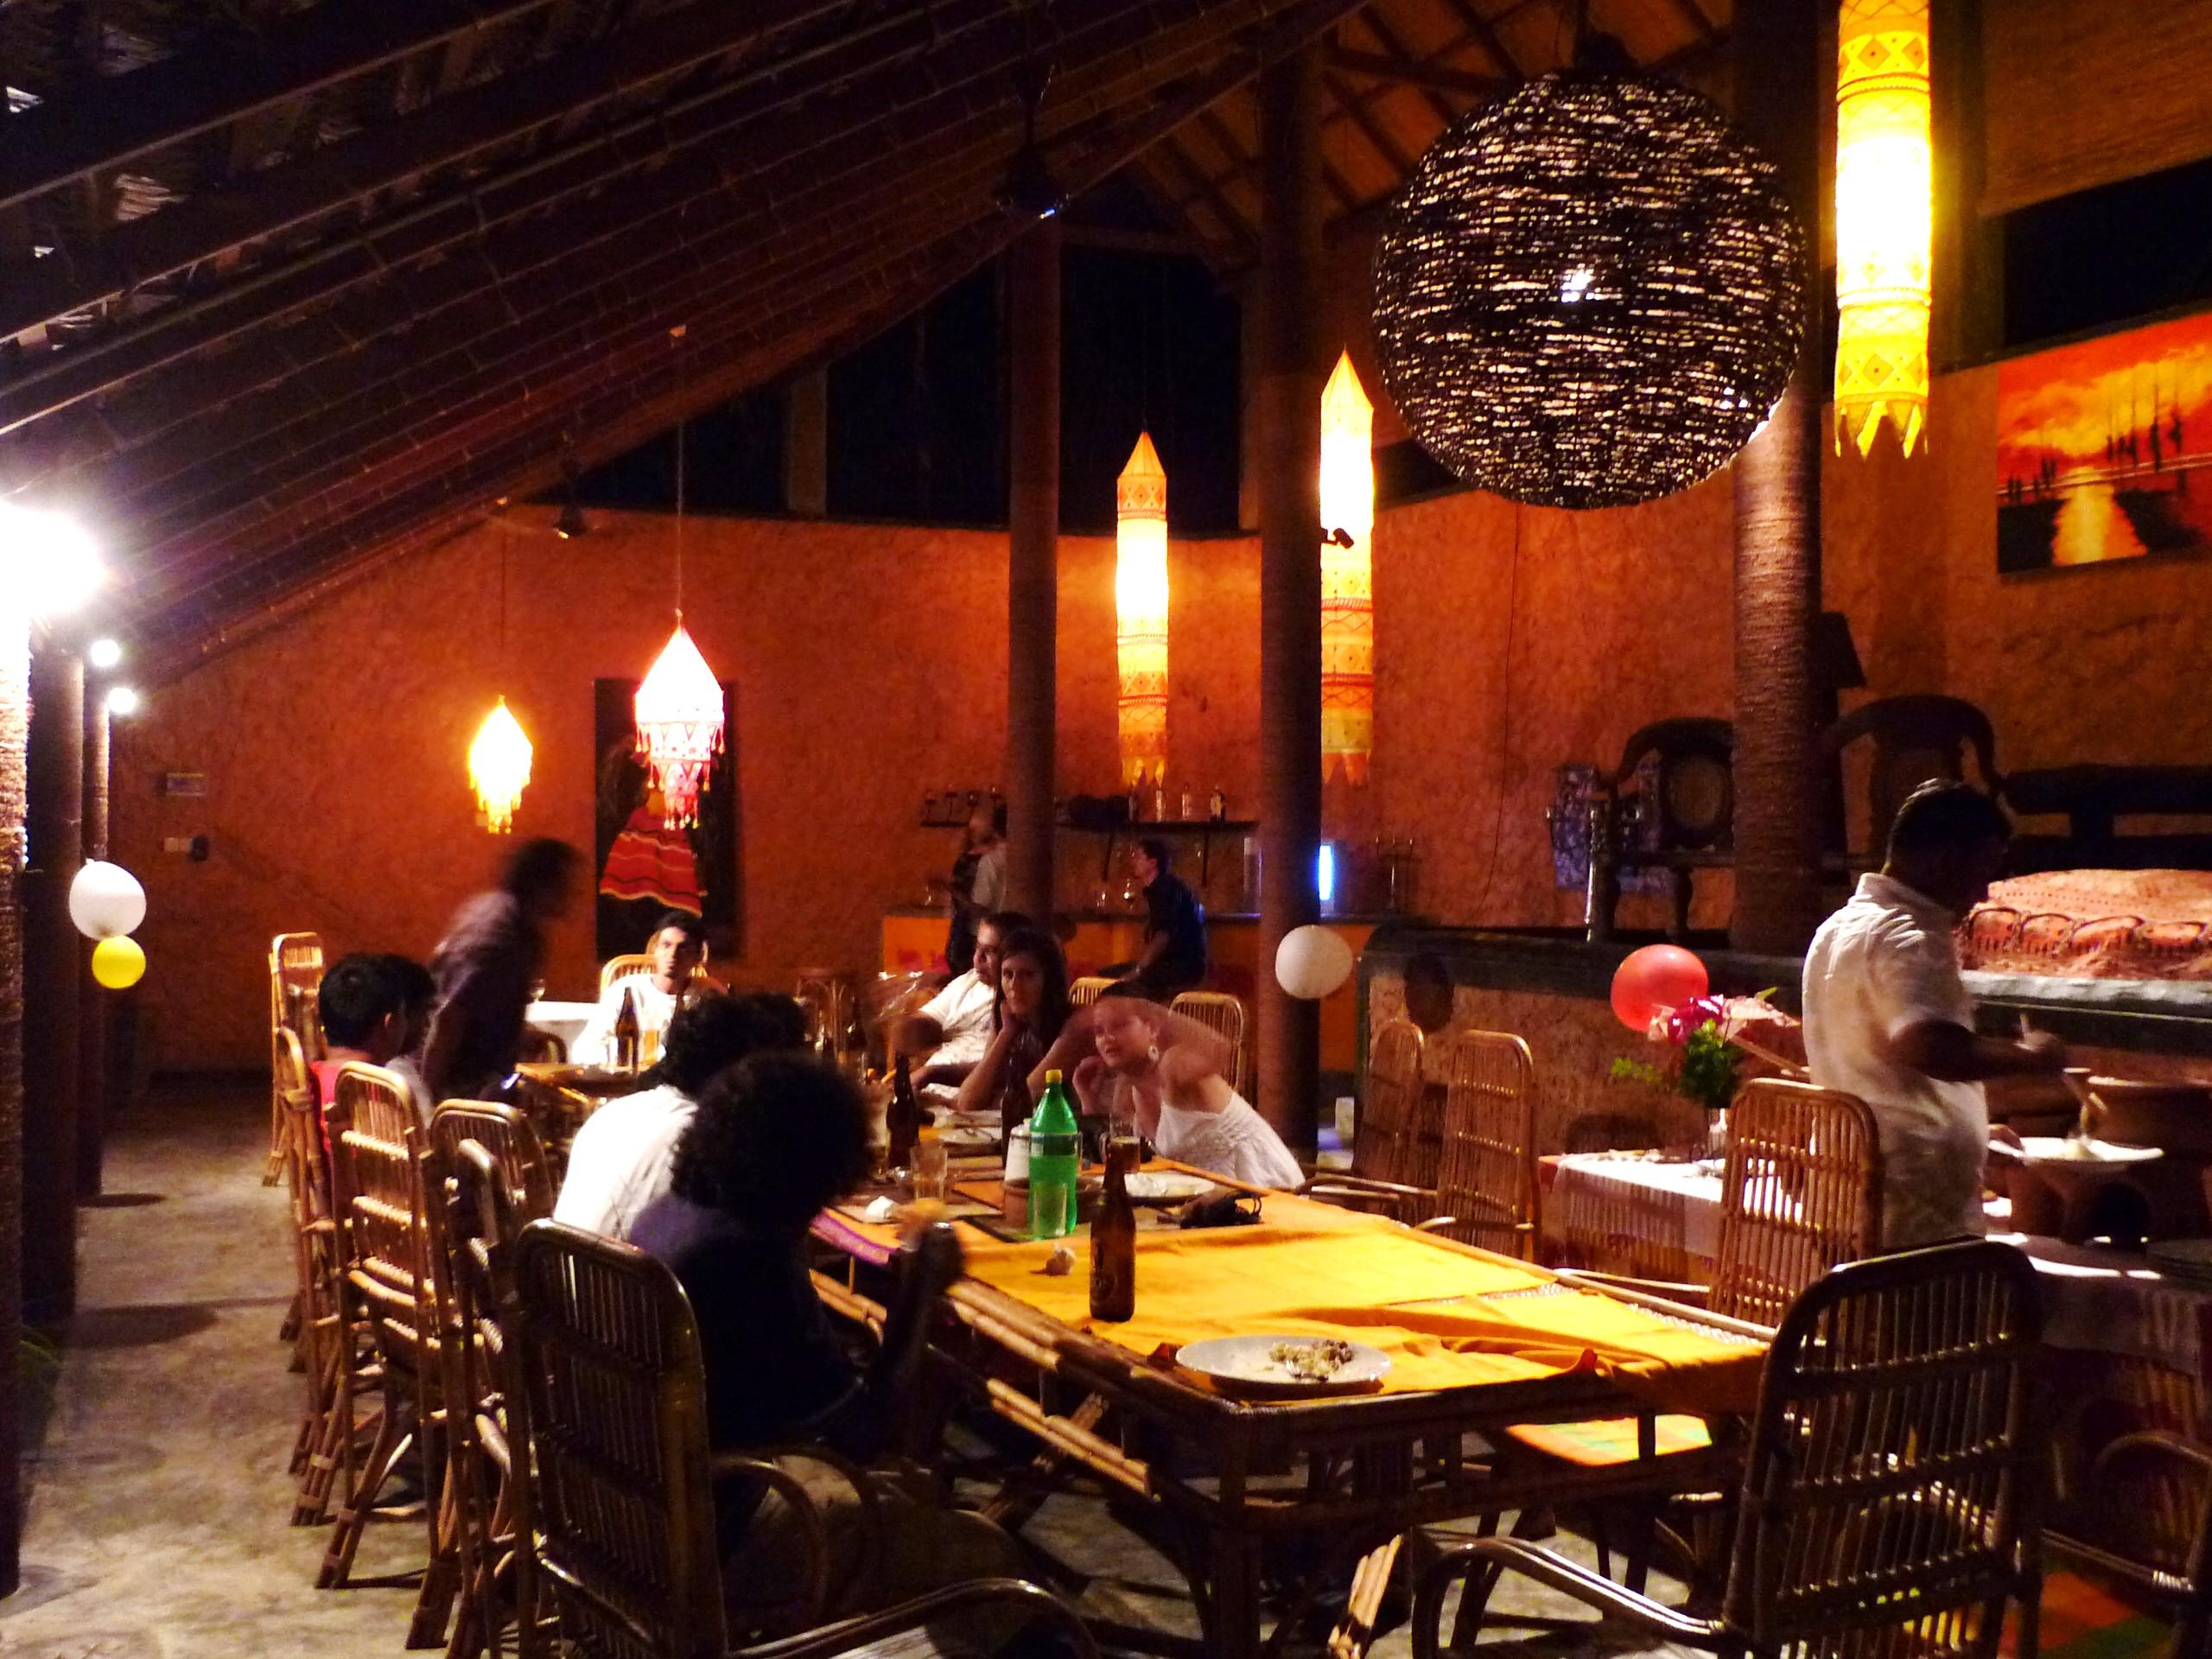 Az étterem ... a keleti lámpások, szobrok, dísztárgyak, bútorok és a bár hangulatba hozzák az embert